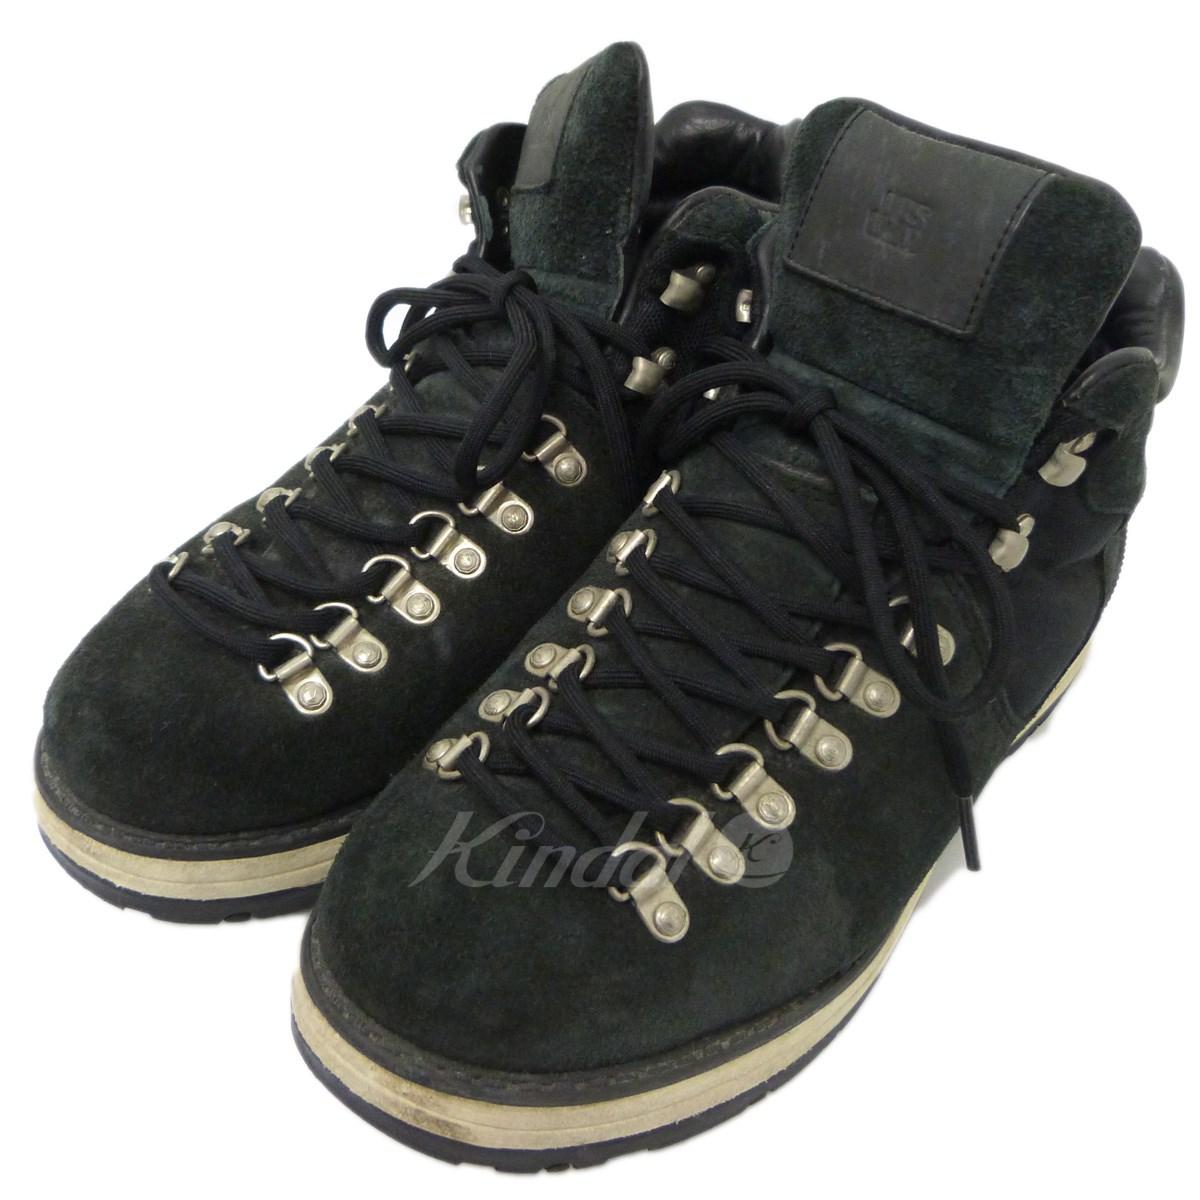 【中古】VISVIM 「SERRA」スウェードトレッキングブーツ ブラック サイズ:US9.5 【送料無料】 【010219】(ビズビム)